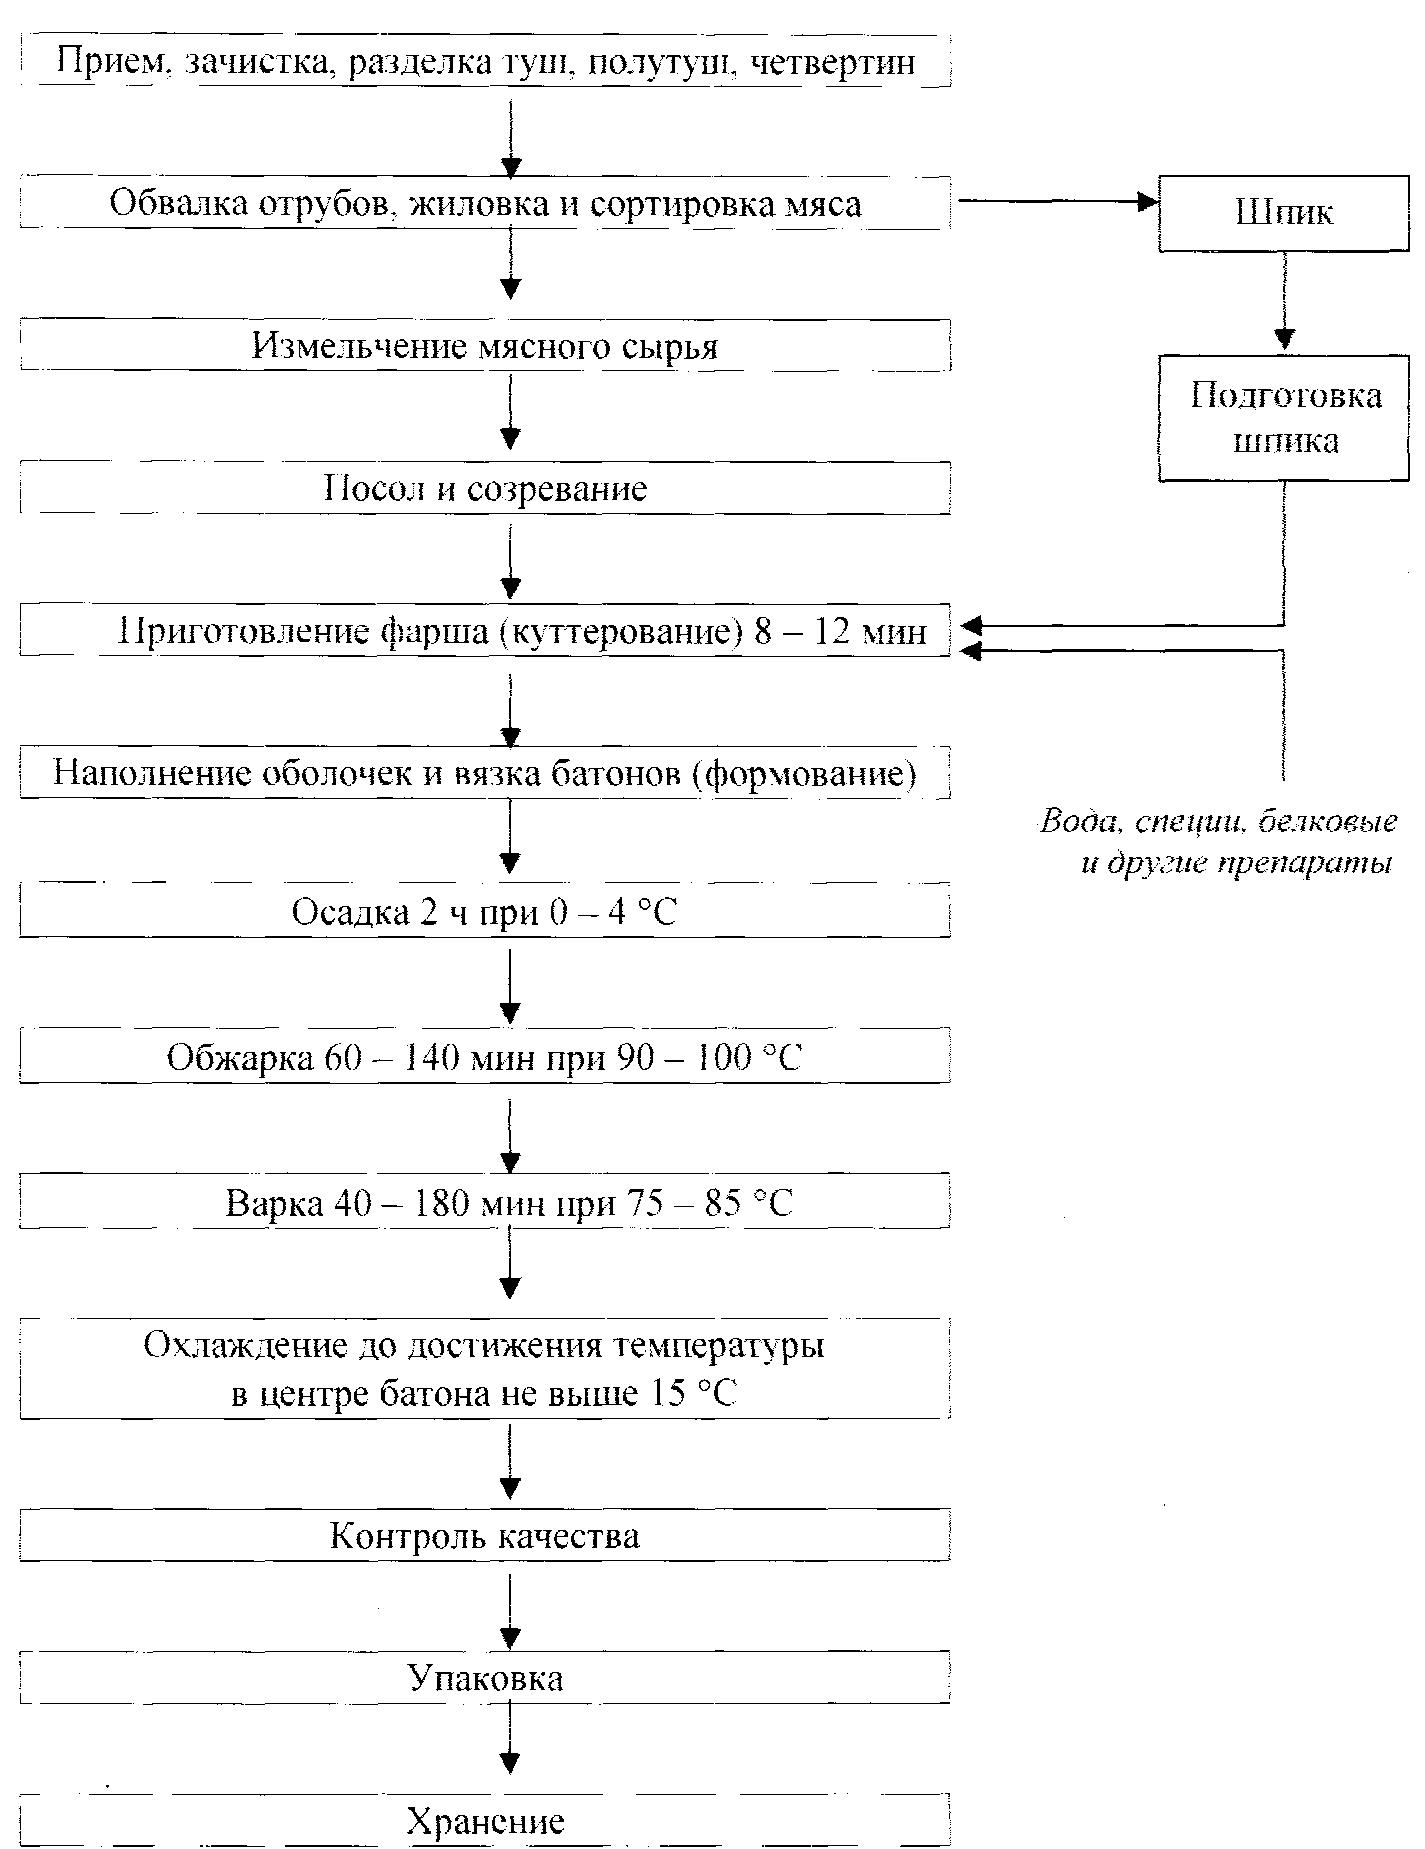 Технологическая схема производства сосисок